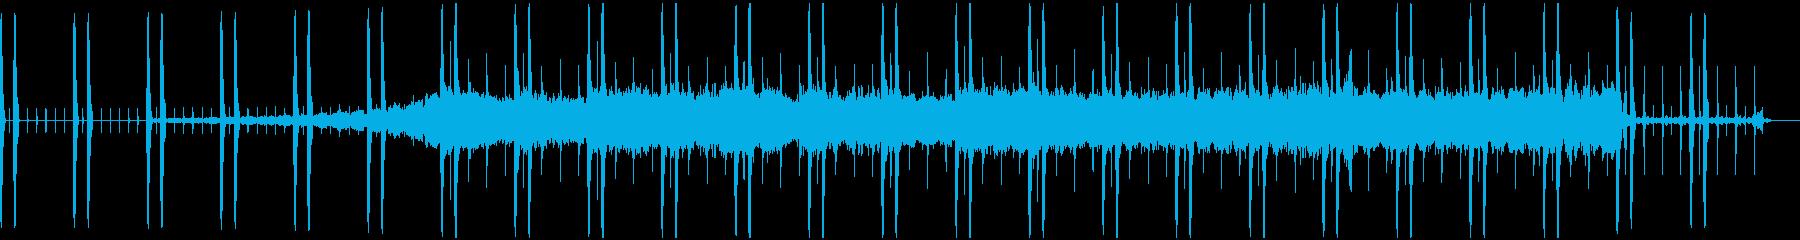 アンダーグラウンド感があるエレクトロニカの再生済みの波形